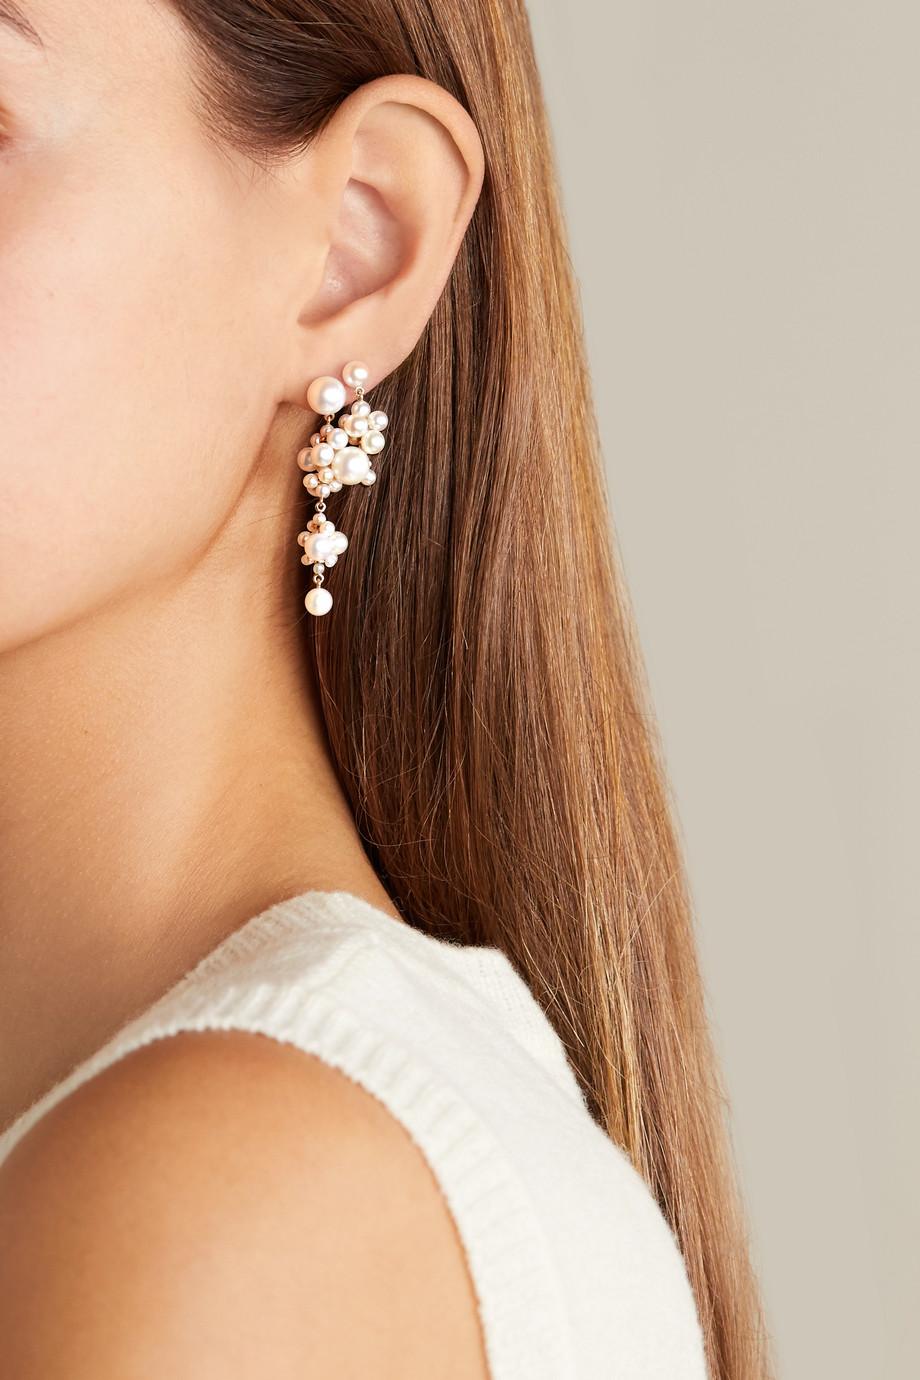 Sophie Bille Brahe Boucle d'oreille en or 14 carats et perles Petite Celli